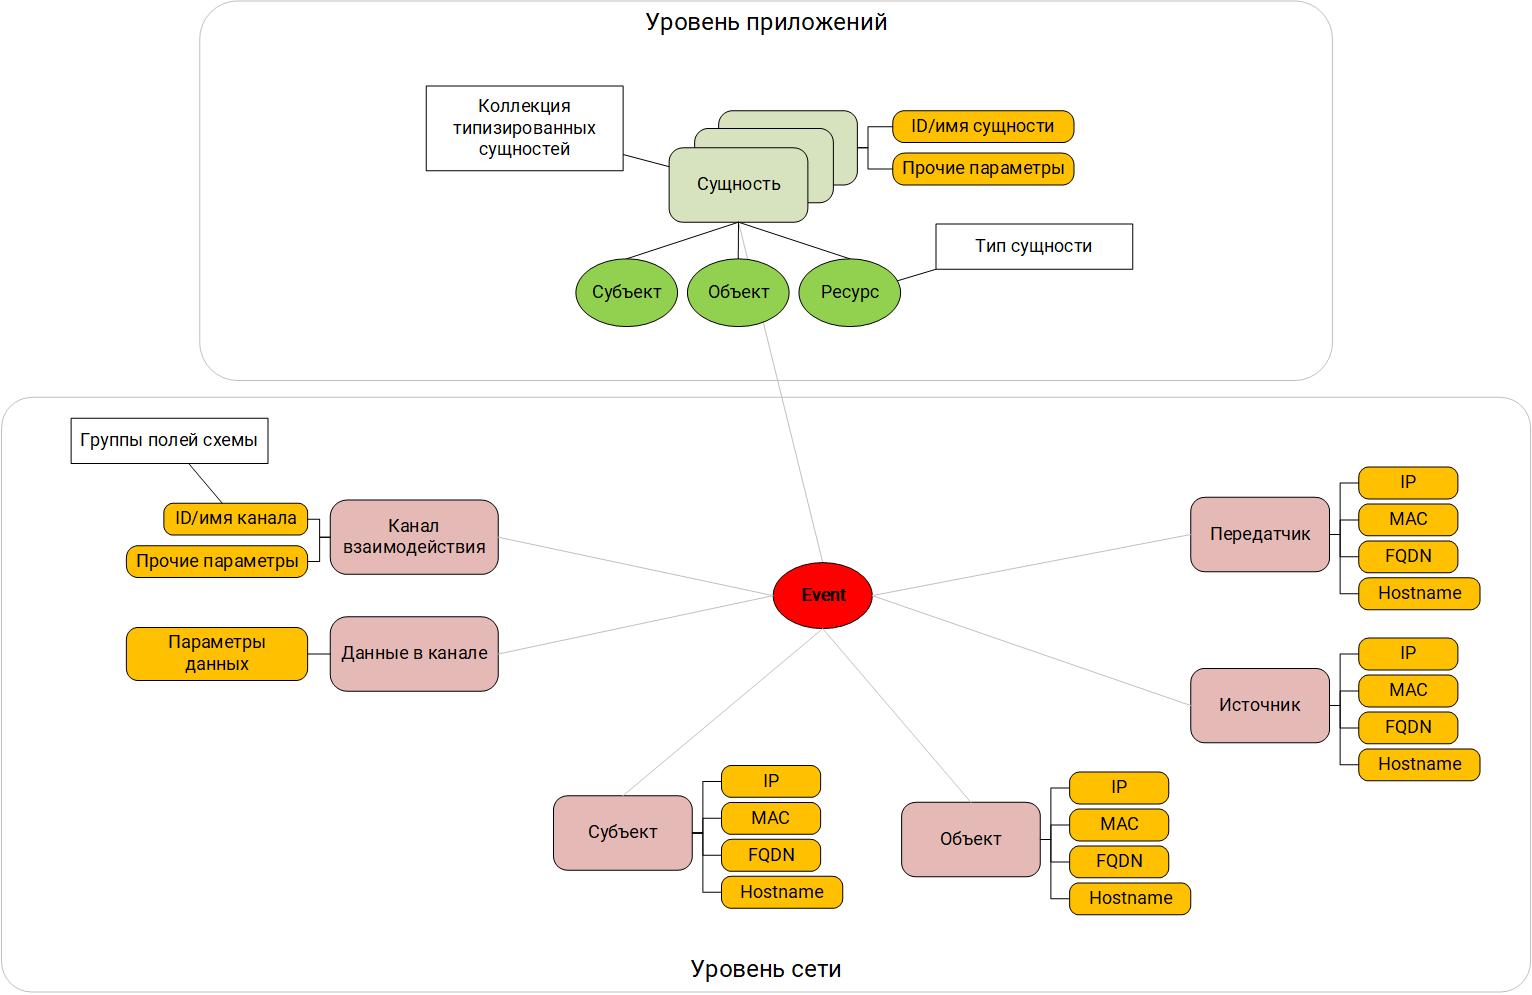 Глубины SIEM: корреляции «из коробки». Часть 2. Схема данных как отражение модели «мира» - 19